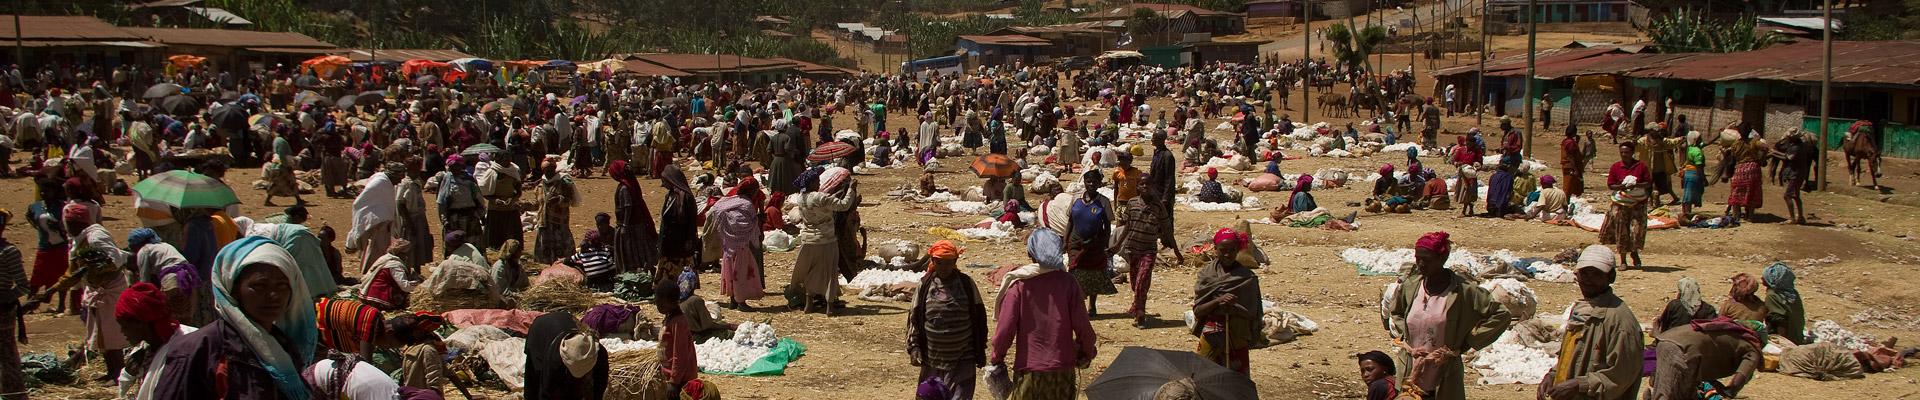 Market in Chencha